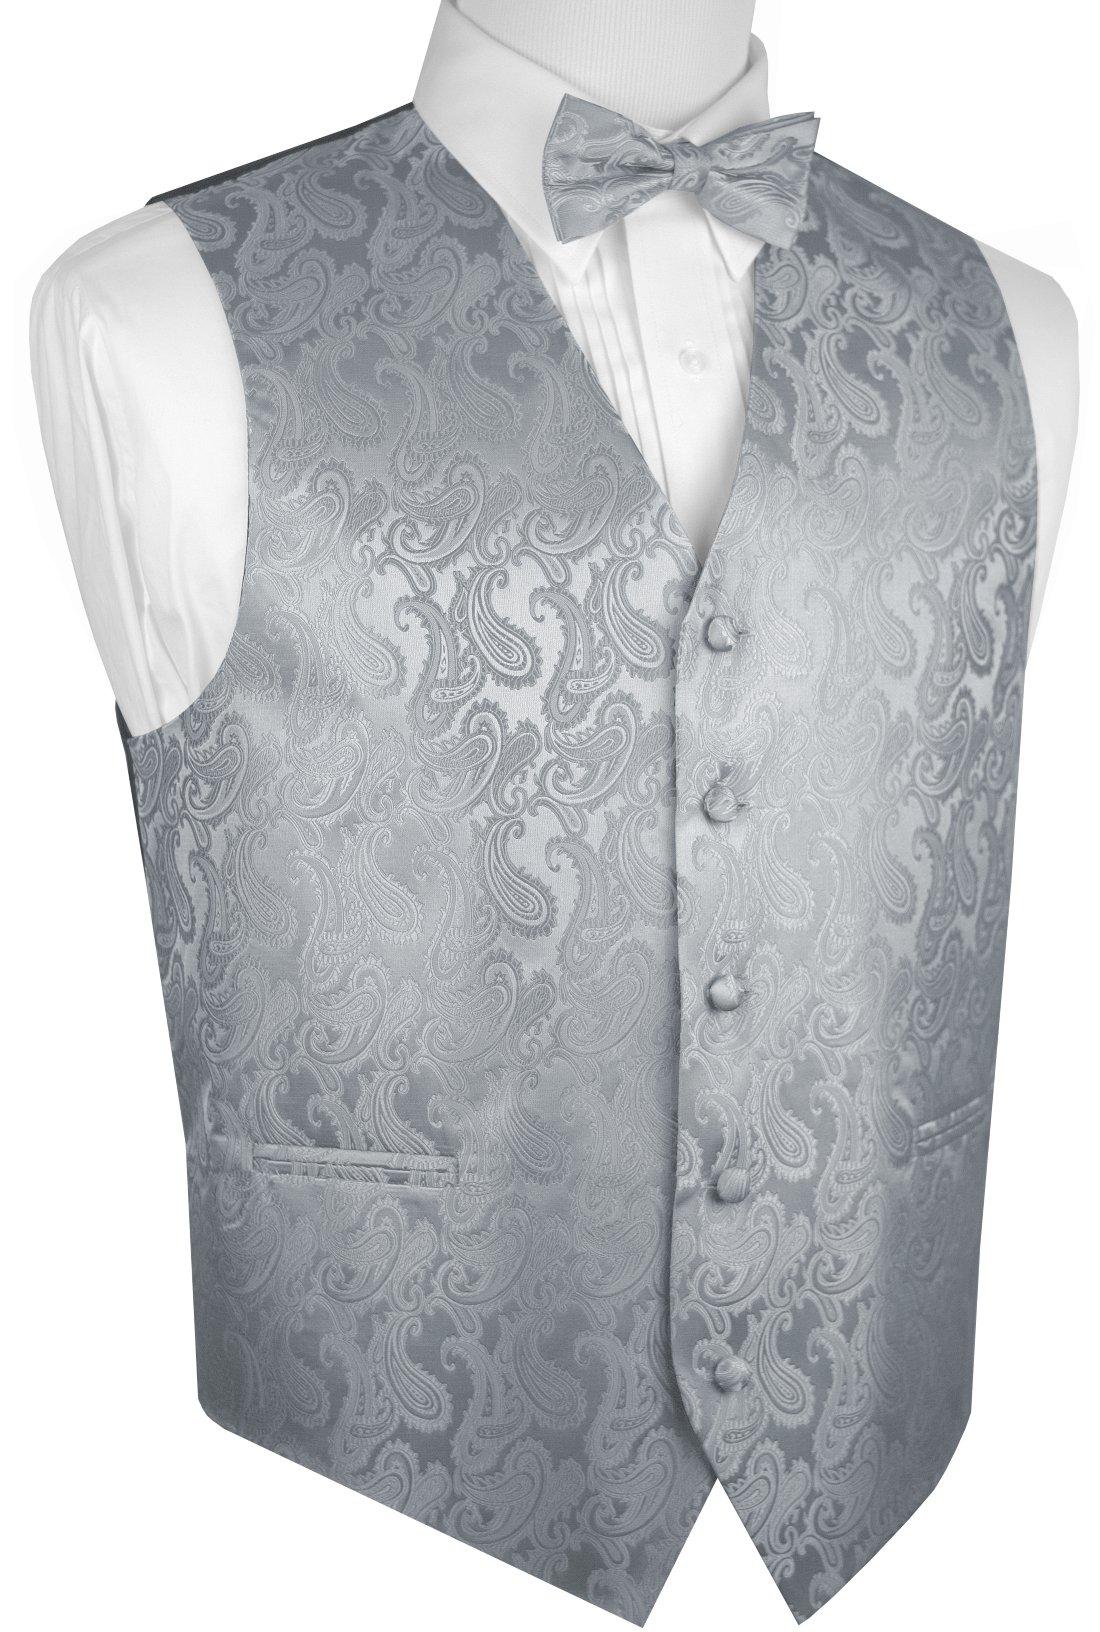 Men's Paisley Vest Bow-Tie Set-Silver L